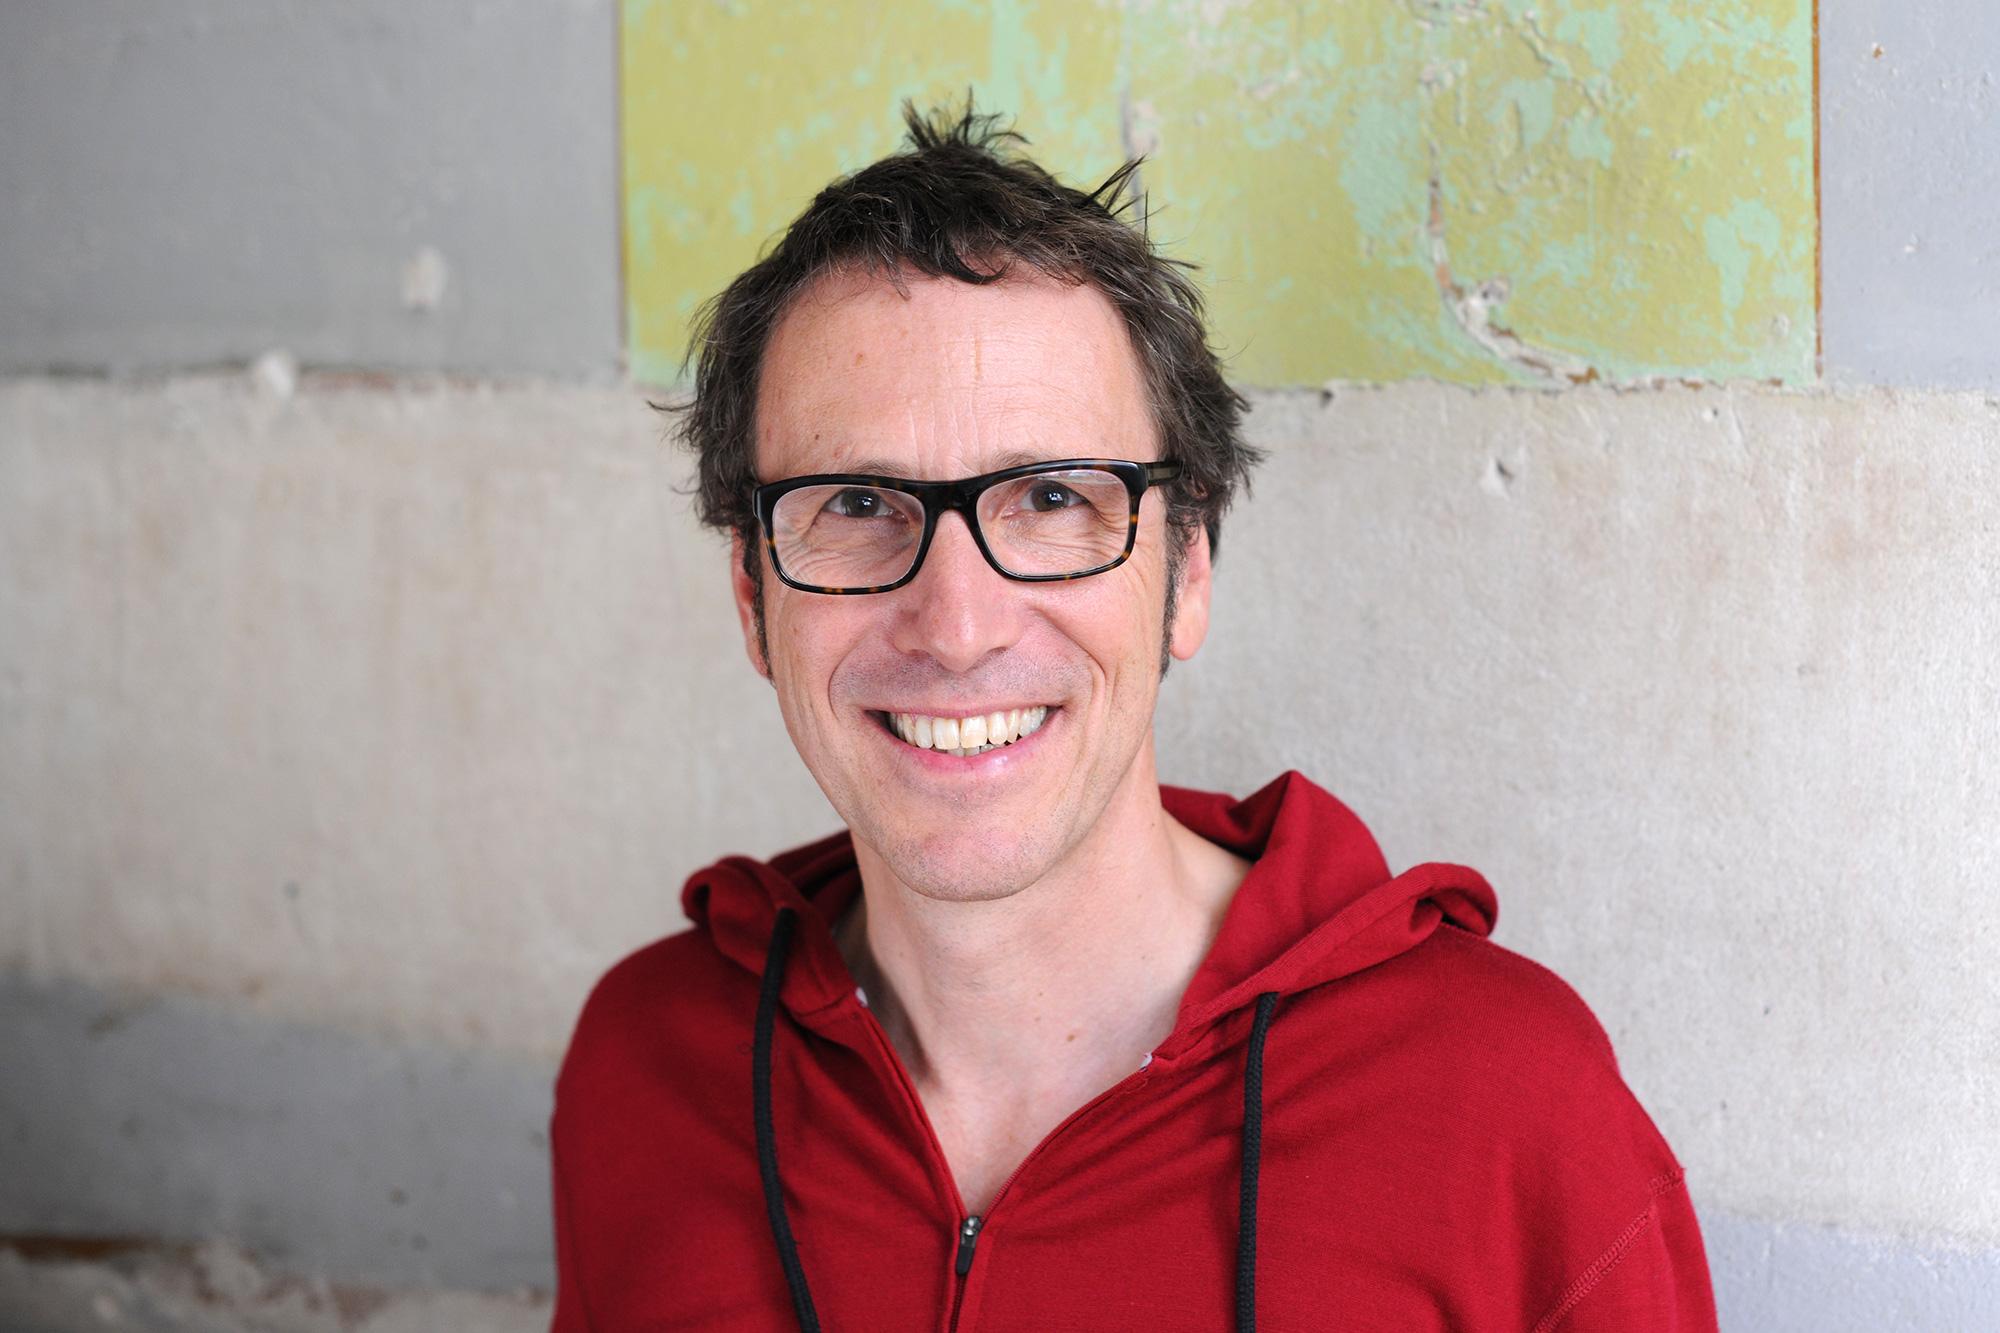 Jörg von Kruse, einer der beiden Firmeninhaber und Geschäftsführer von i+m NATURKOSMETIK BERLIN